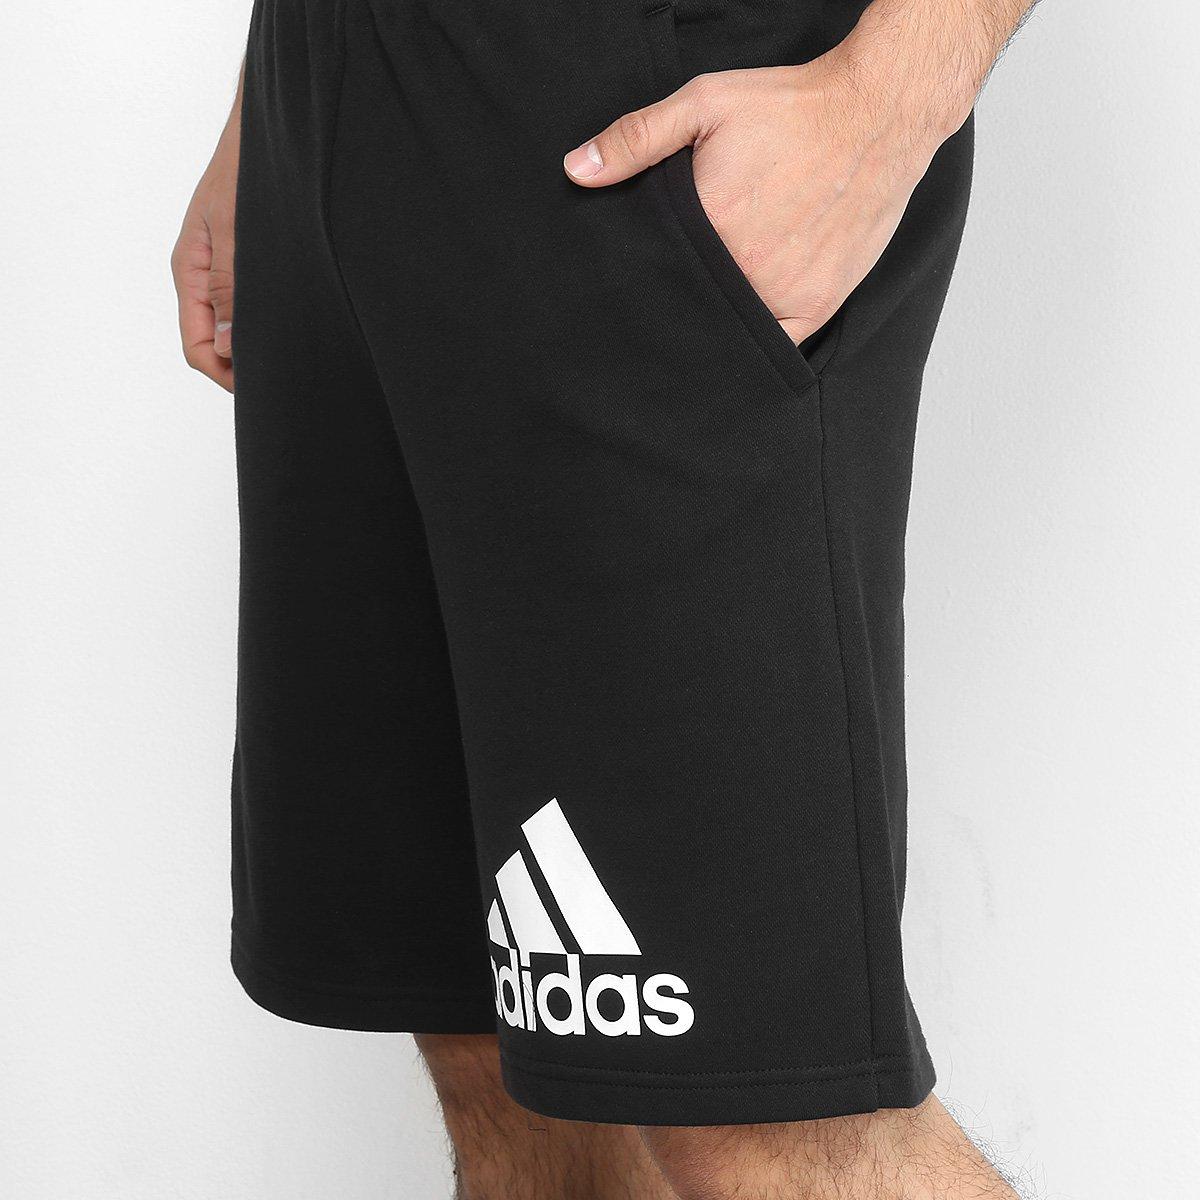 Bermuda Moletom Adidas Knit Masculino - Preto e Branco - Compre ... 141c4e87ed061